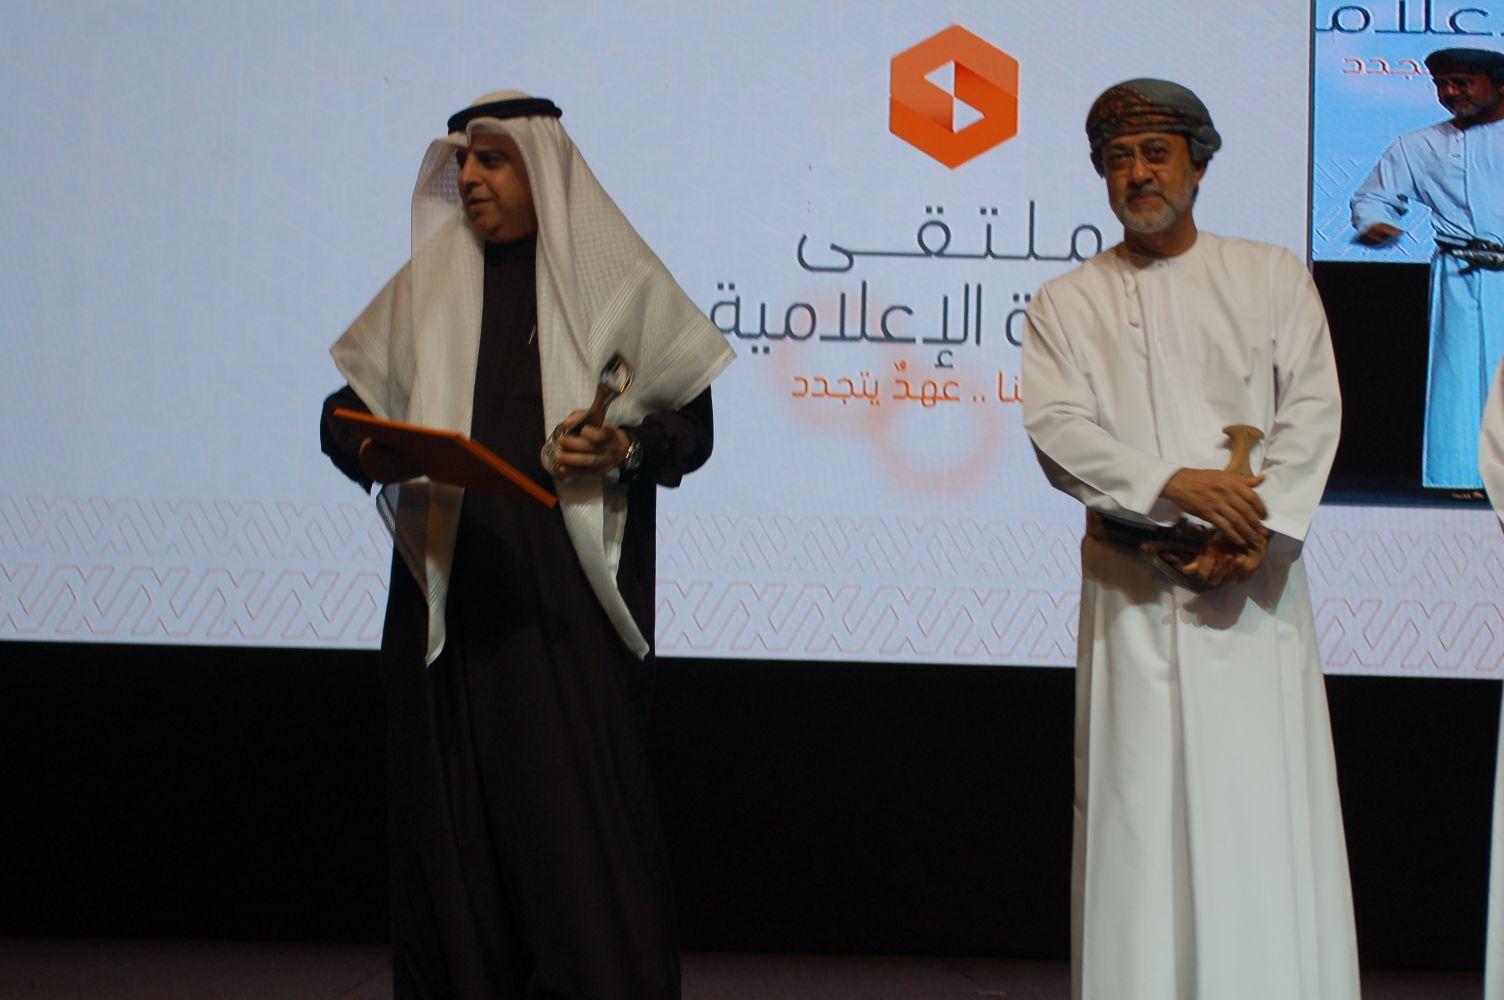 صورة اعلام السلطنة يكرم اعلام الخليج